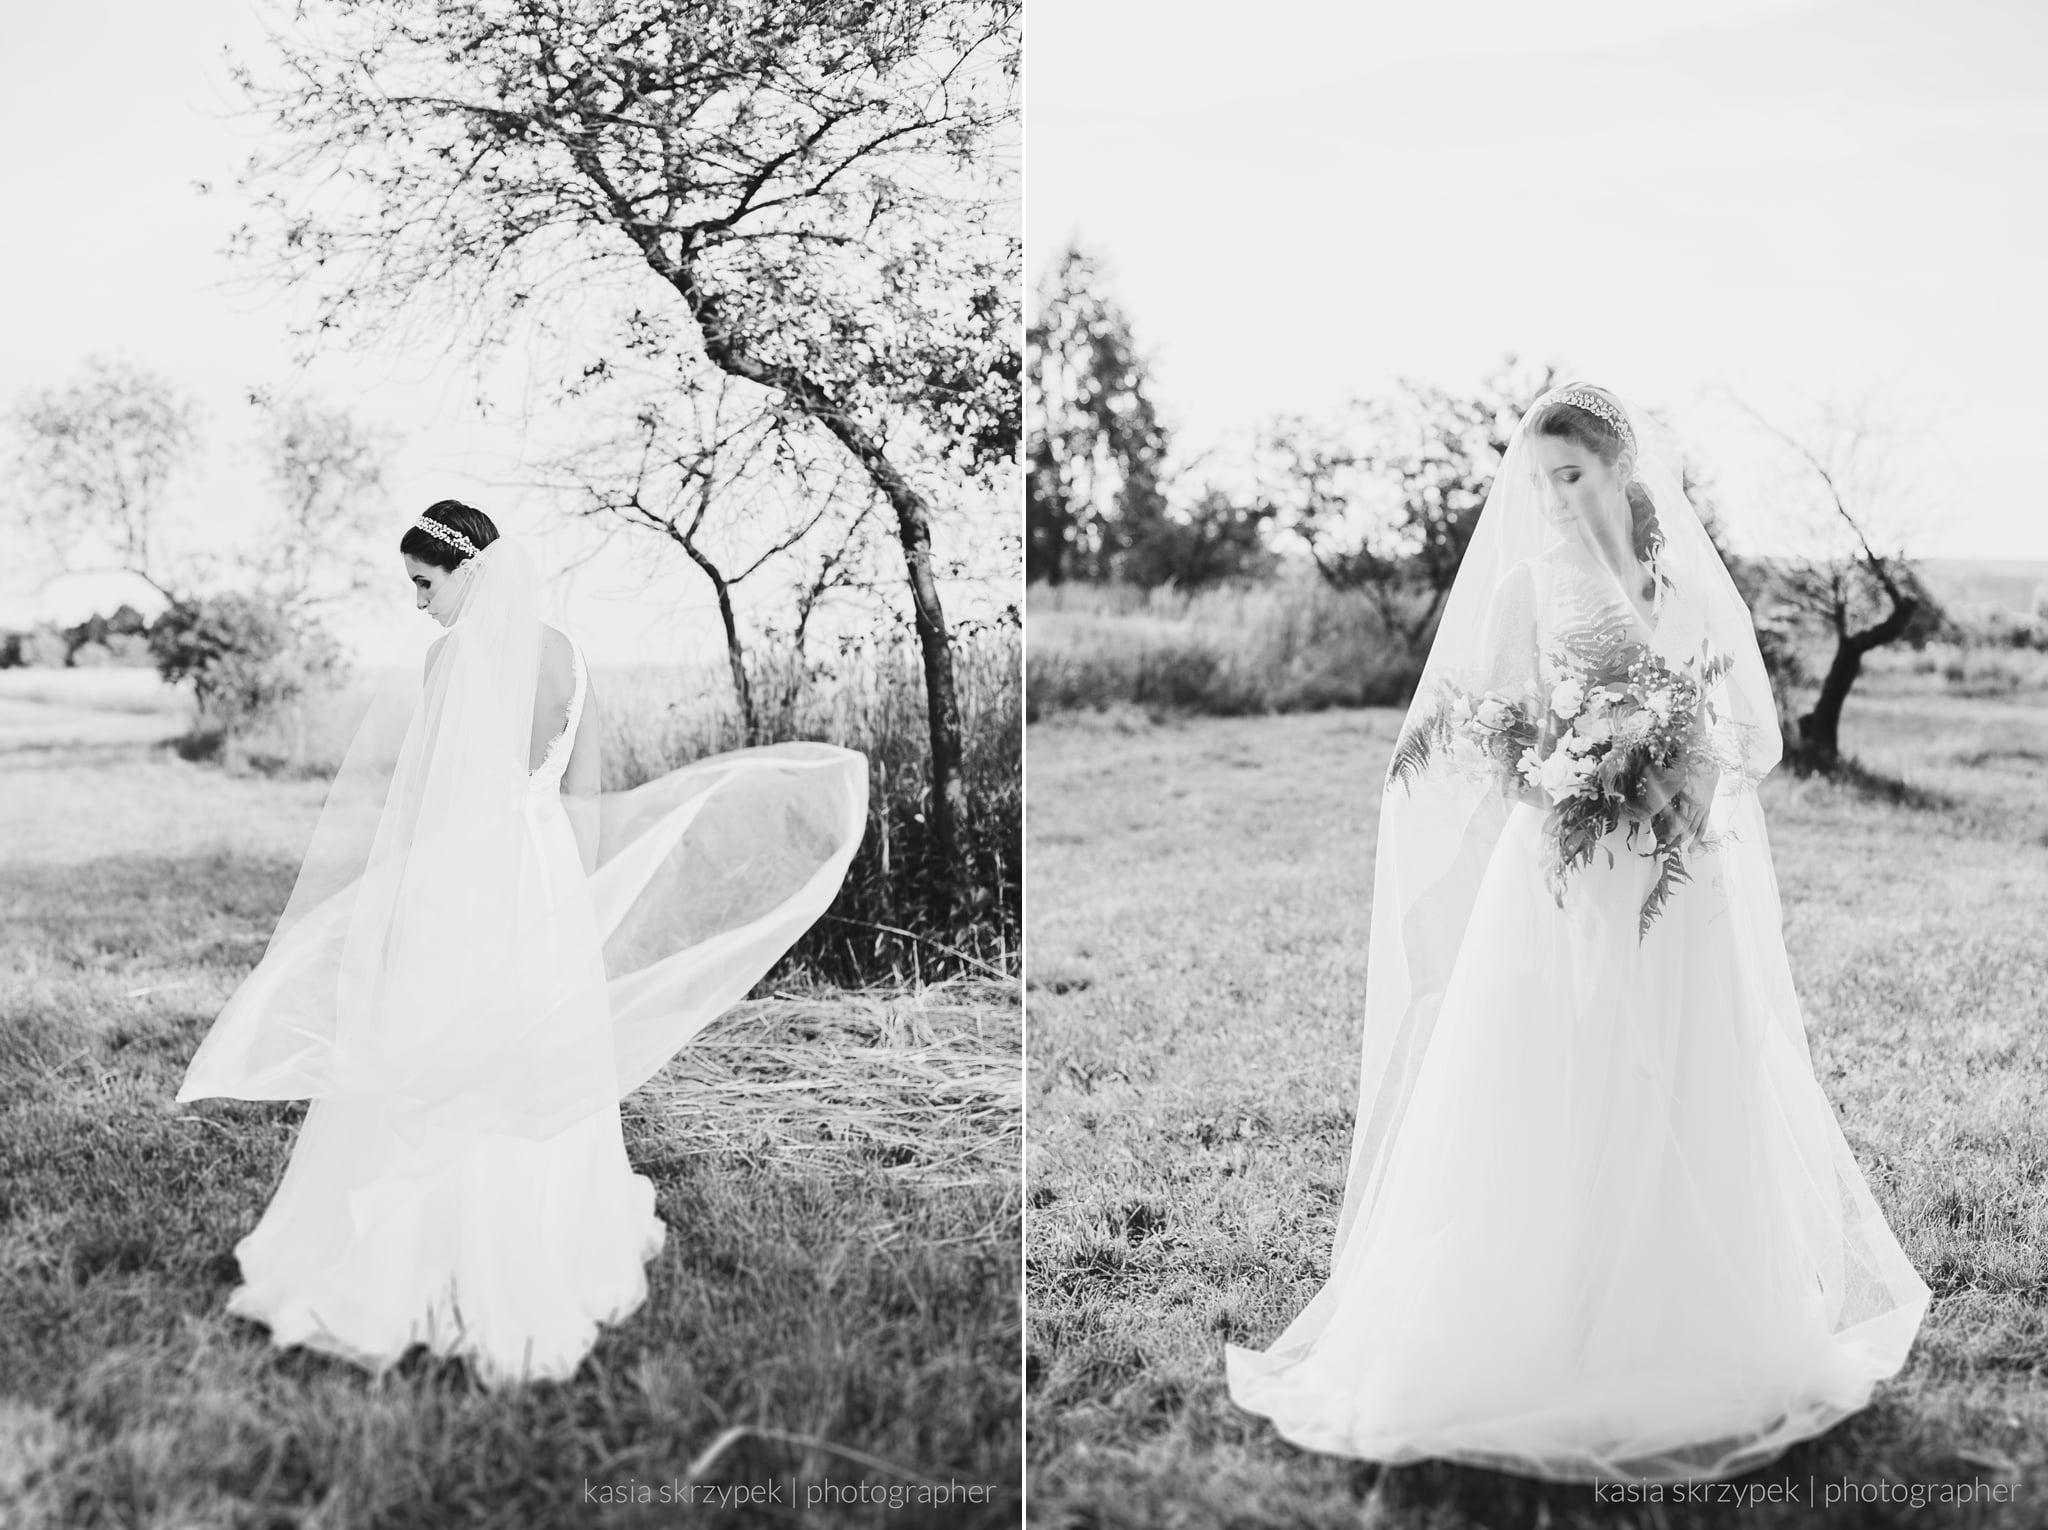 Blog-Botanical-Wedding-Styled-Shoot-14